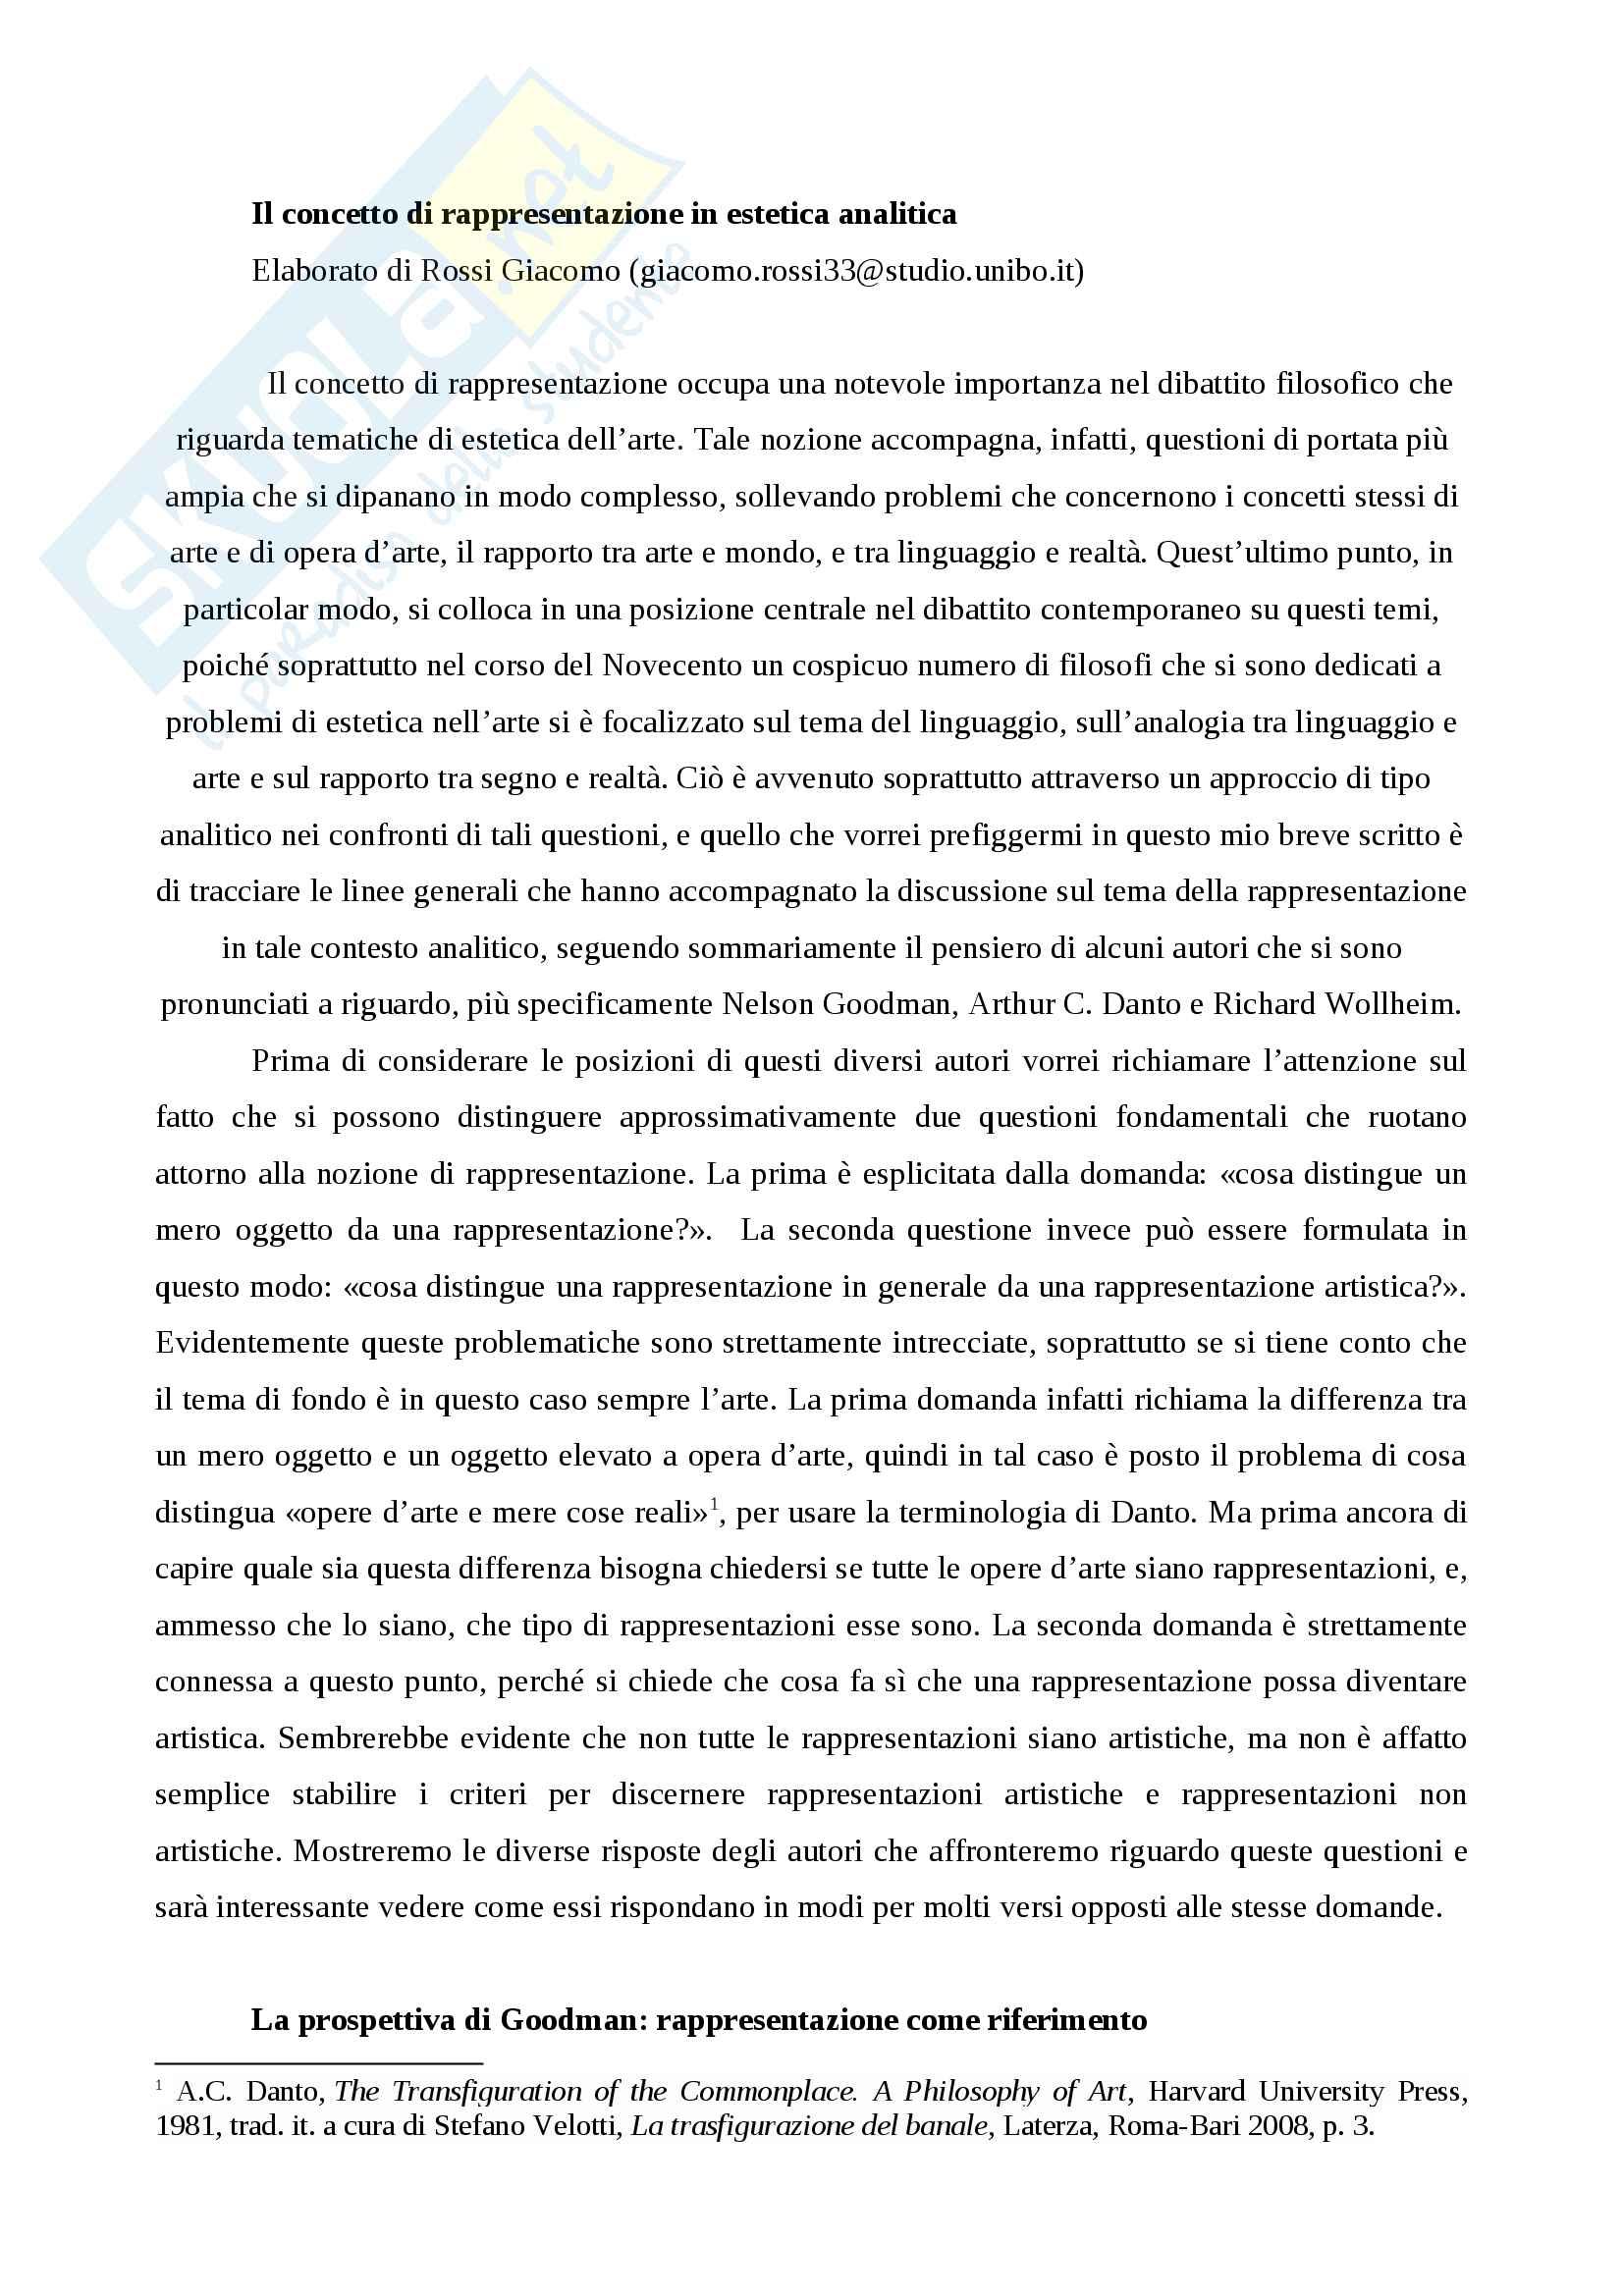 Riassunto esame Estetica contemporeanea, prof. Matteucci, libri consigliati I linguaggi dell'arte, Goodman, La trasfigurazione del banale, Danto,  L'arte e i suoi oggetti, Wollheim